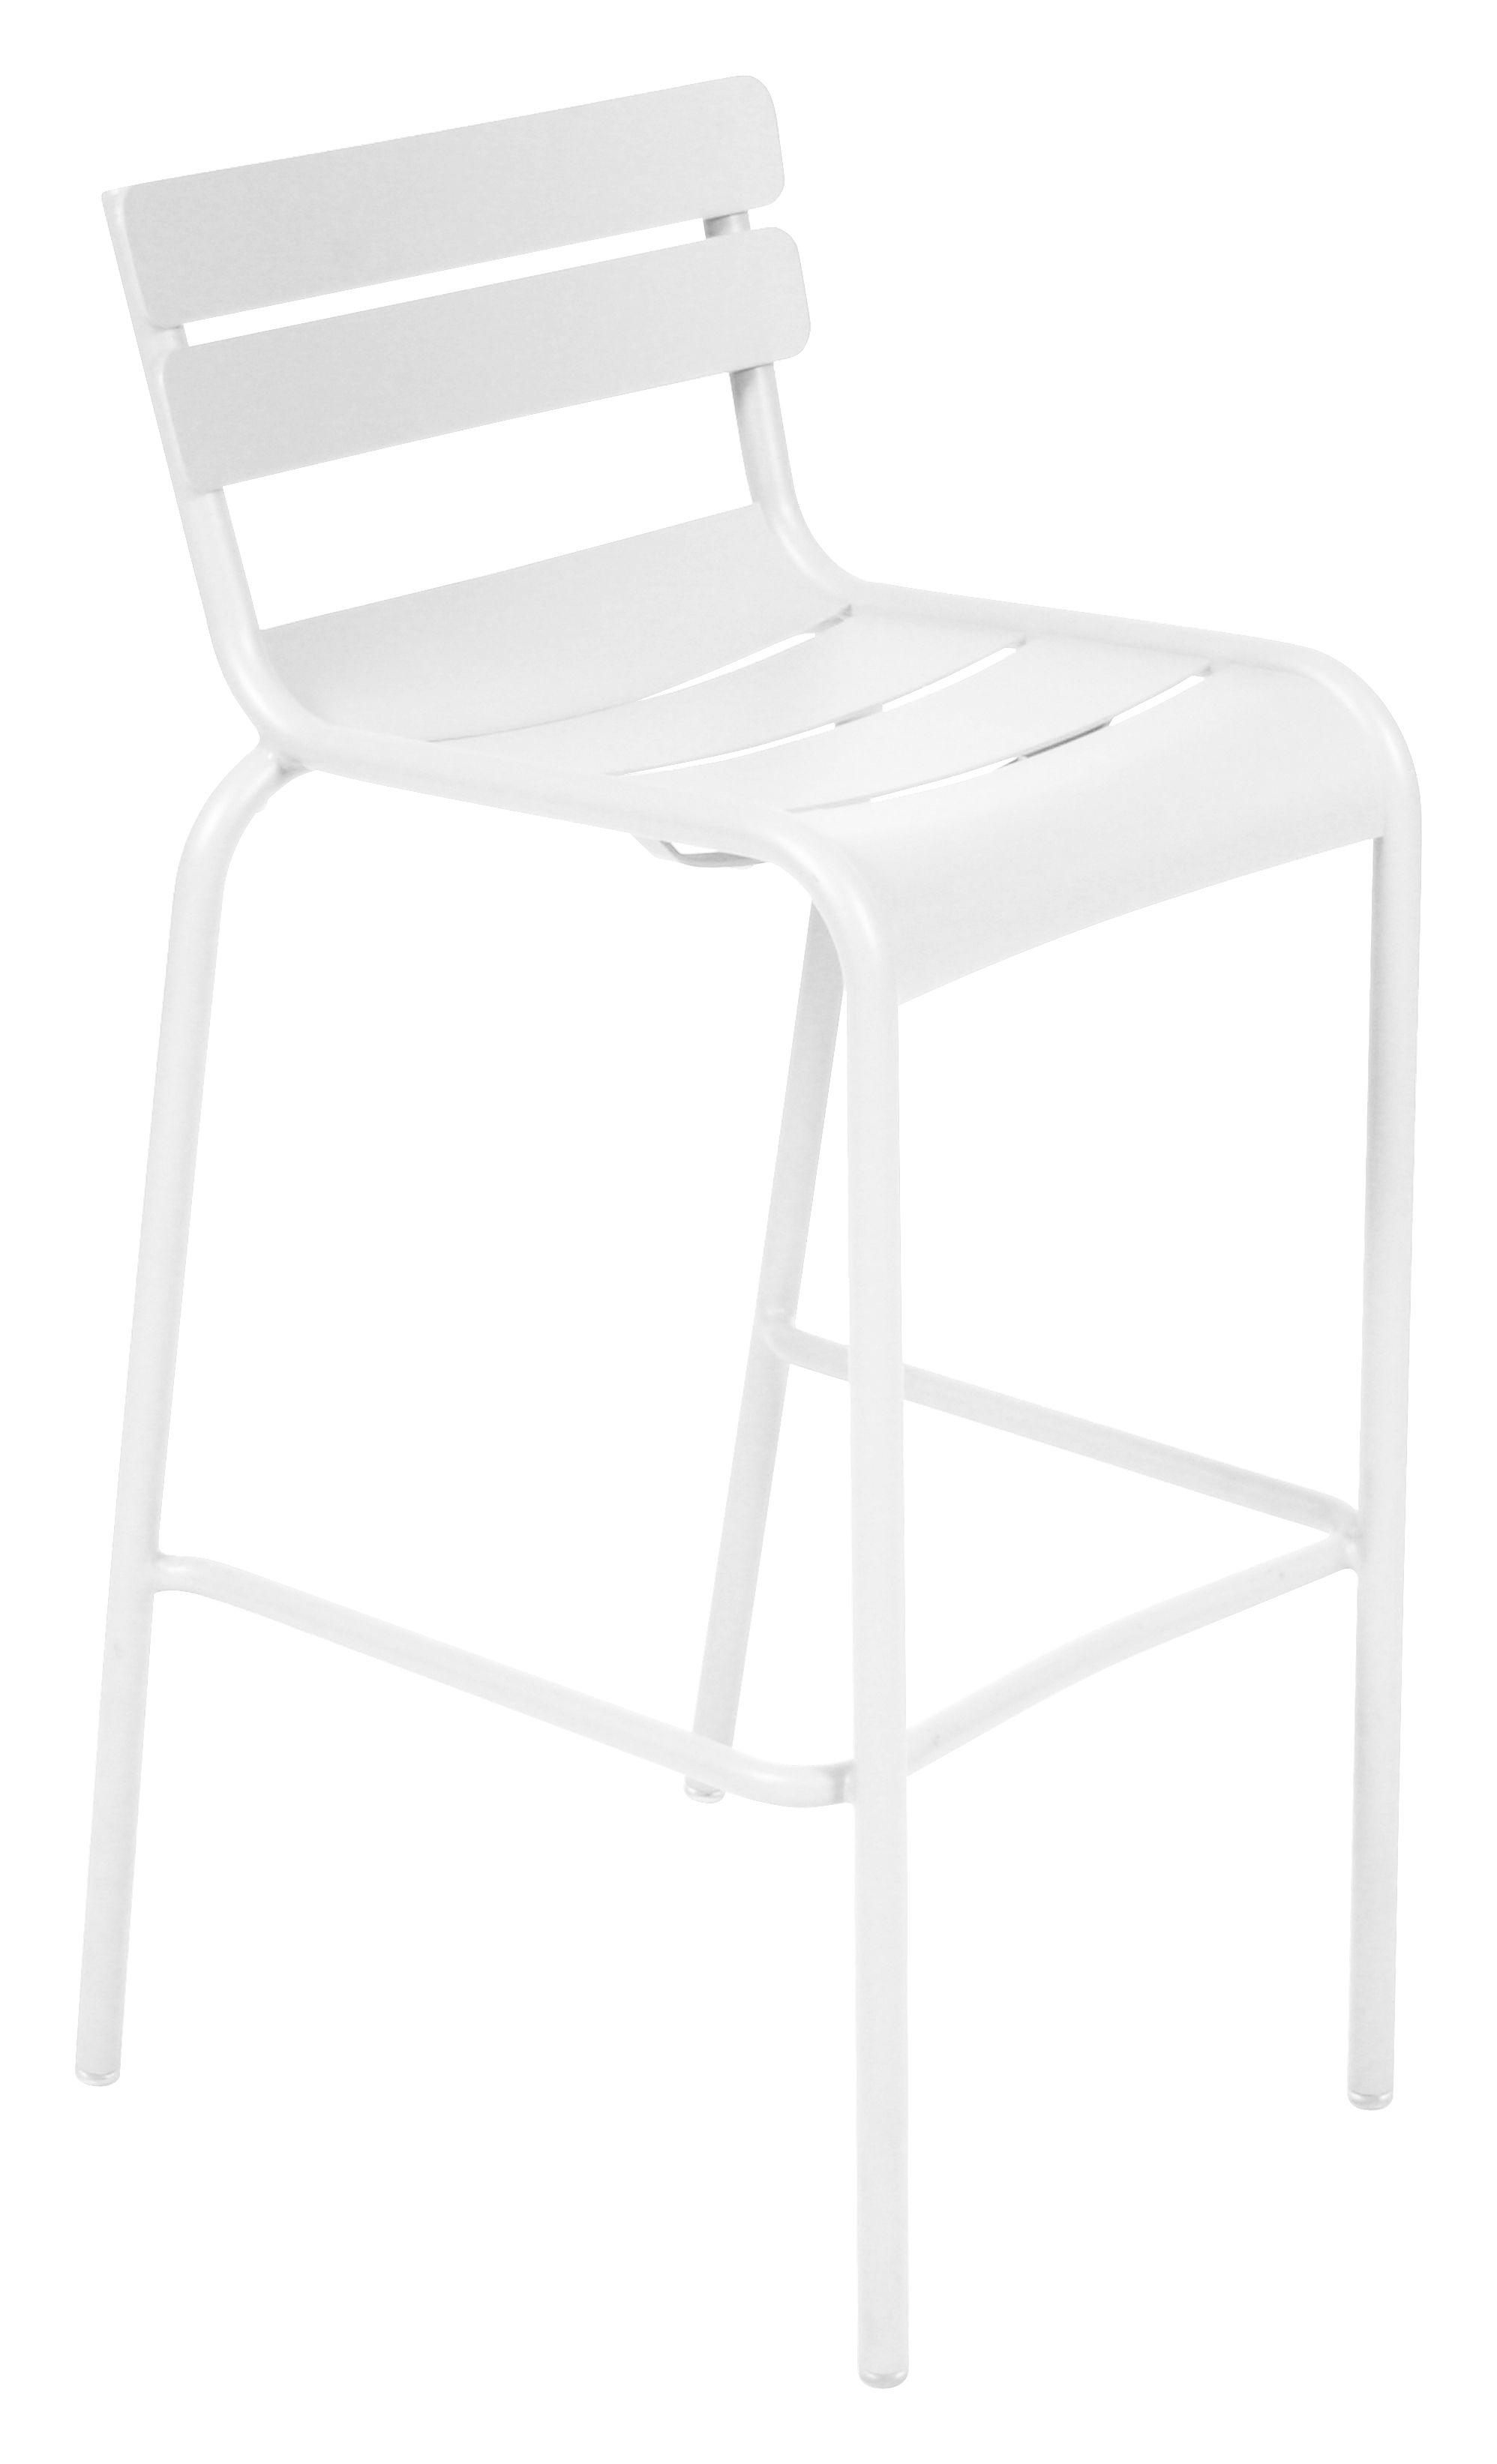 Mobilier - Tabourets de bar - Chaise de bar Luxembourg / H 80 cm - Aluminium - Fermob - Blanc coton - Aluminium laqué